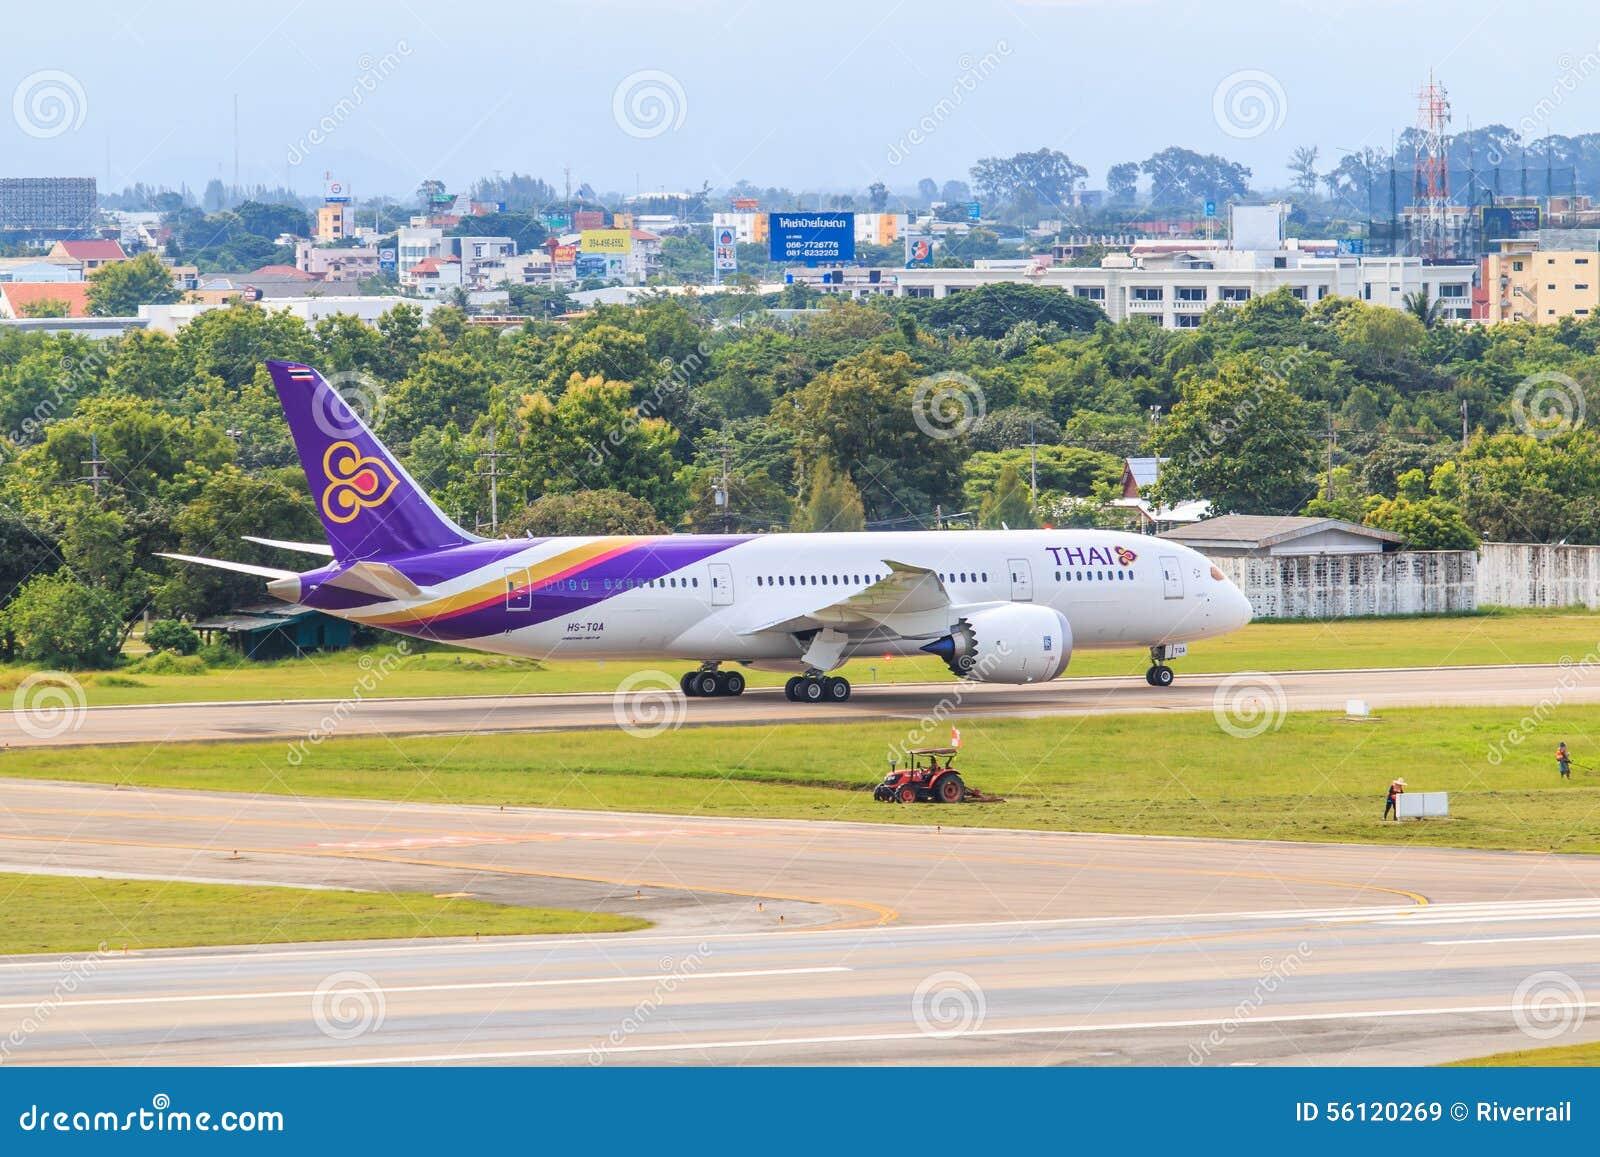 CHIANGMAI, ТАИЛАНД - 26-ое июля 2014: Аэробус A300-600R HS-TAN Thai Airways